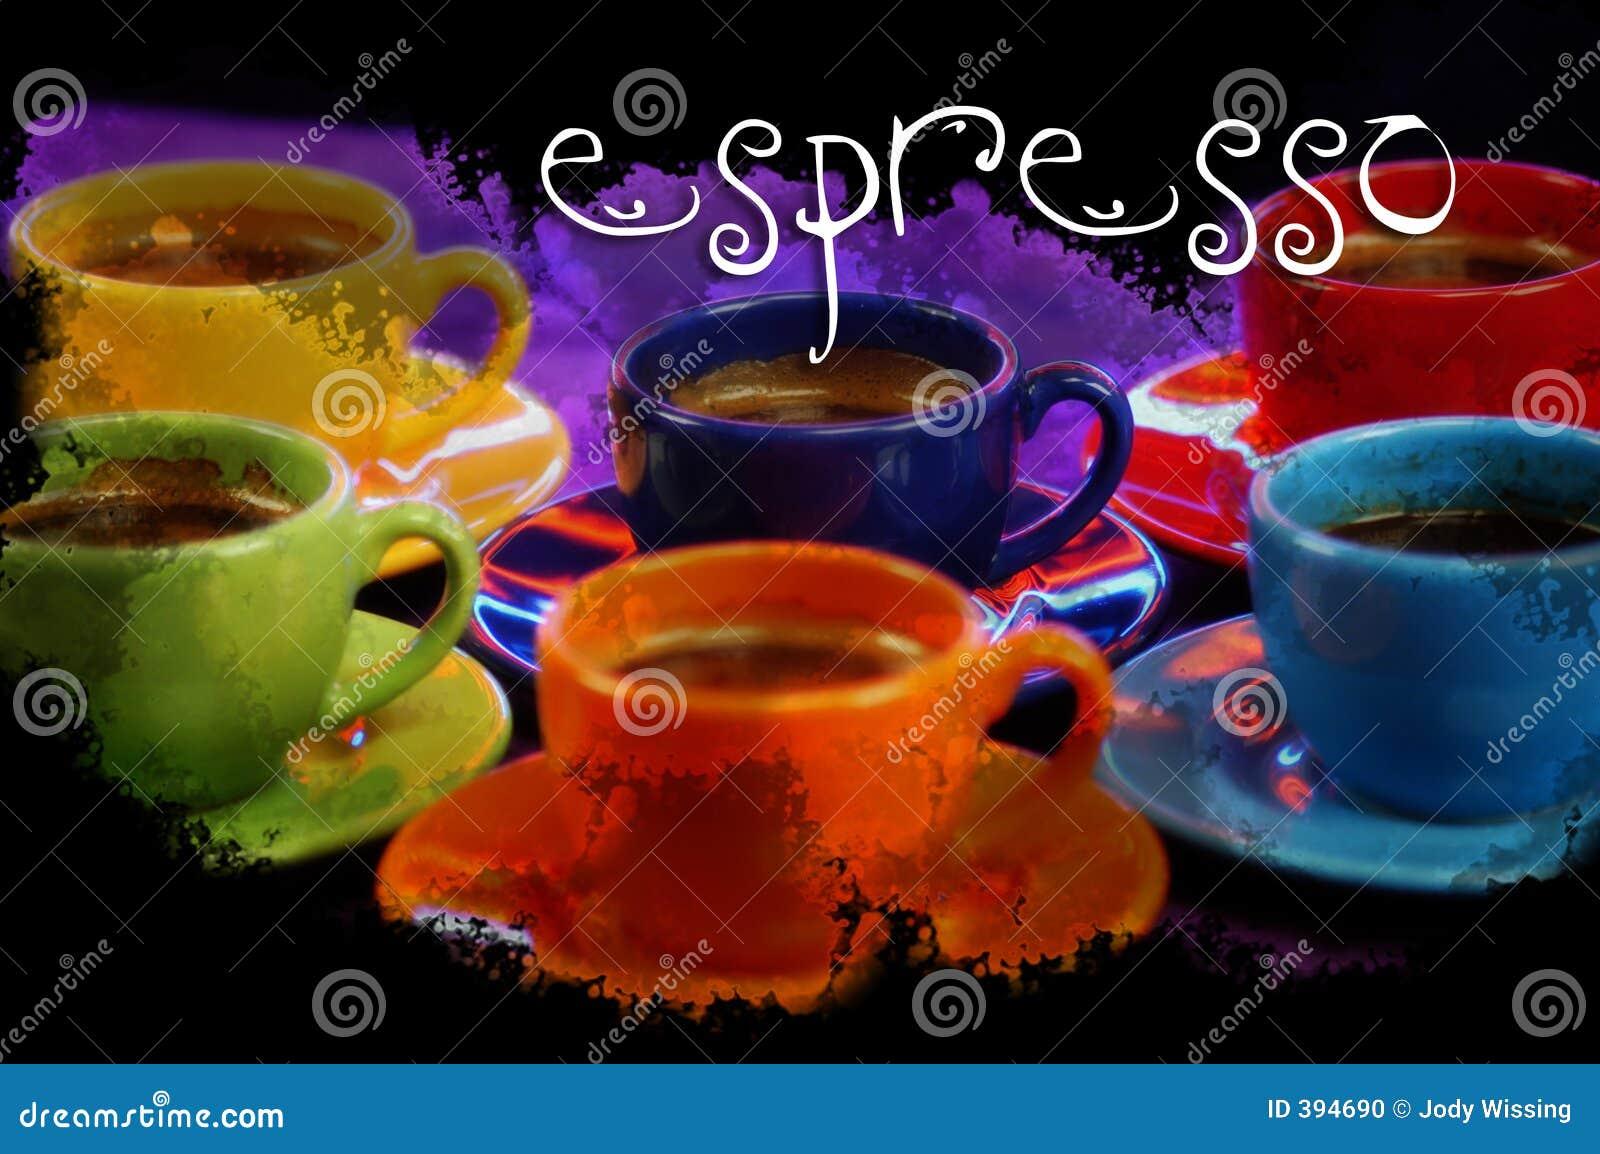 Café express